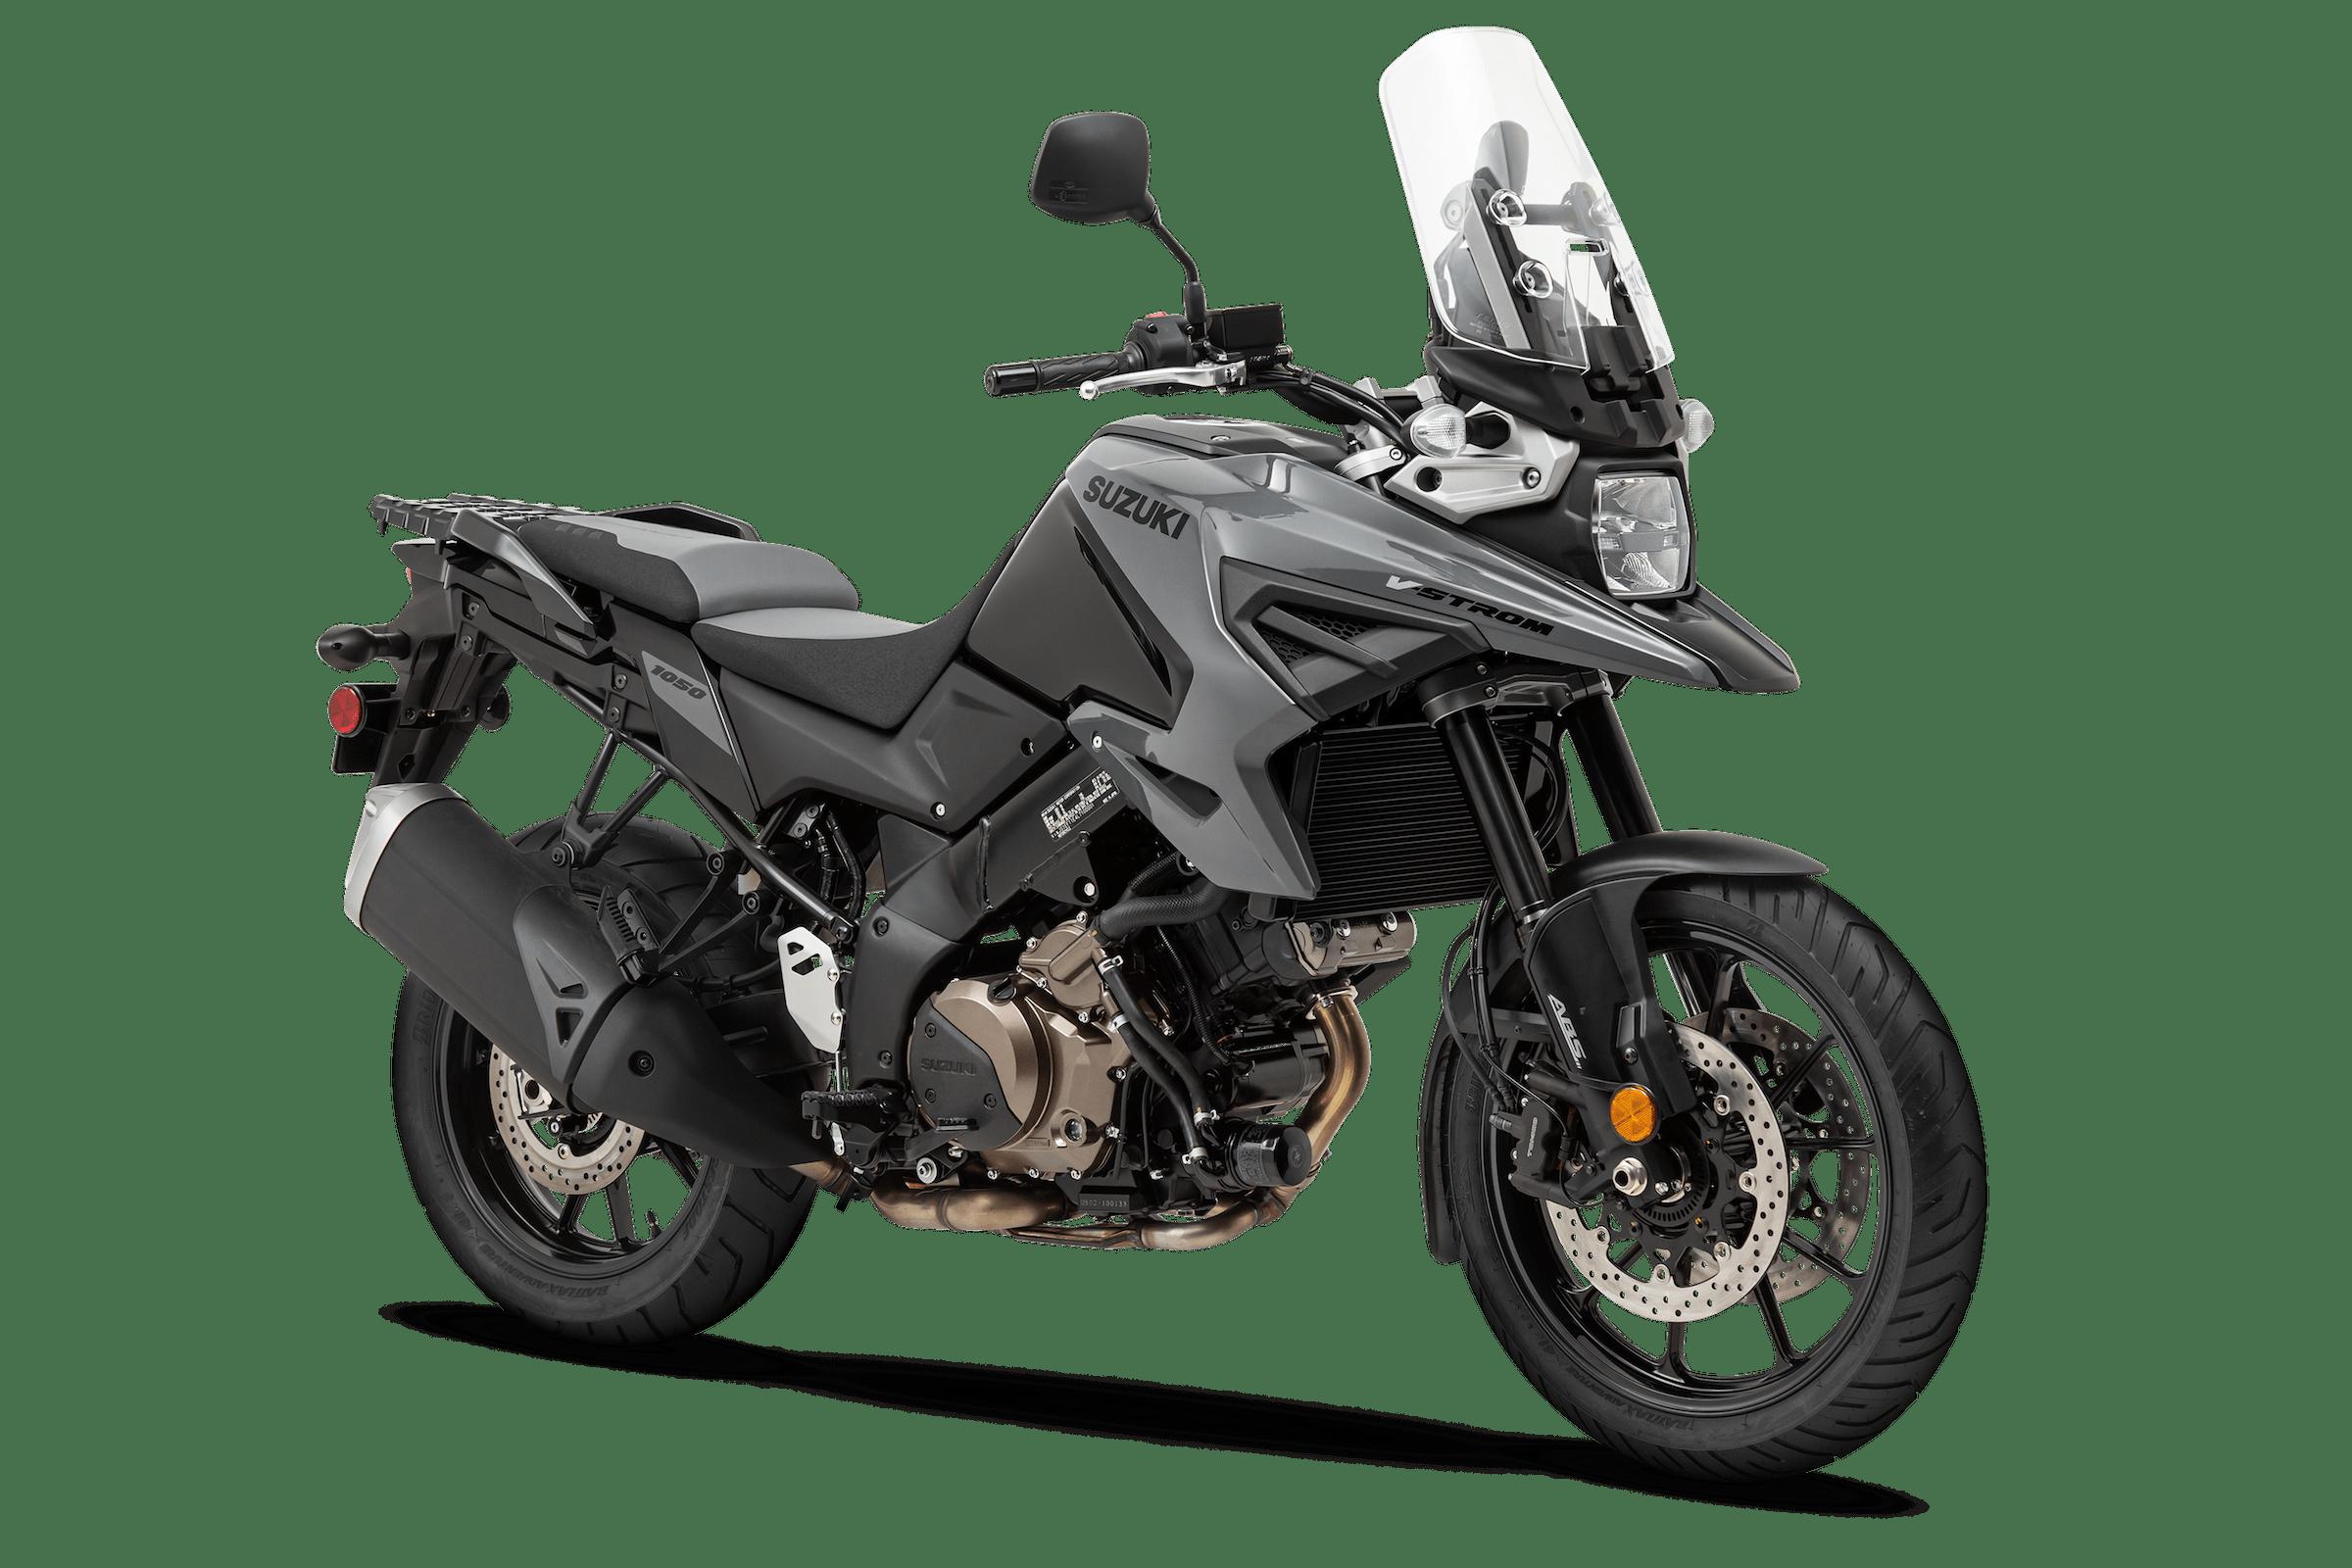 2020 Suzuki V Strom 1050 8